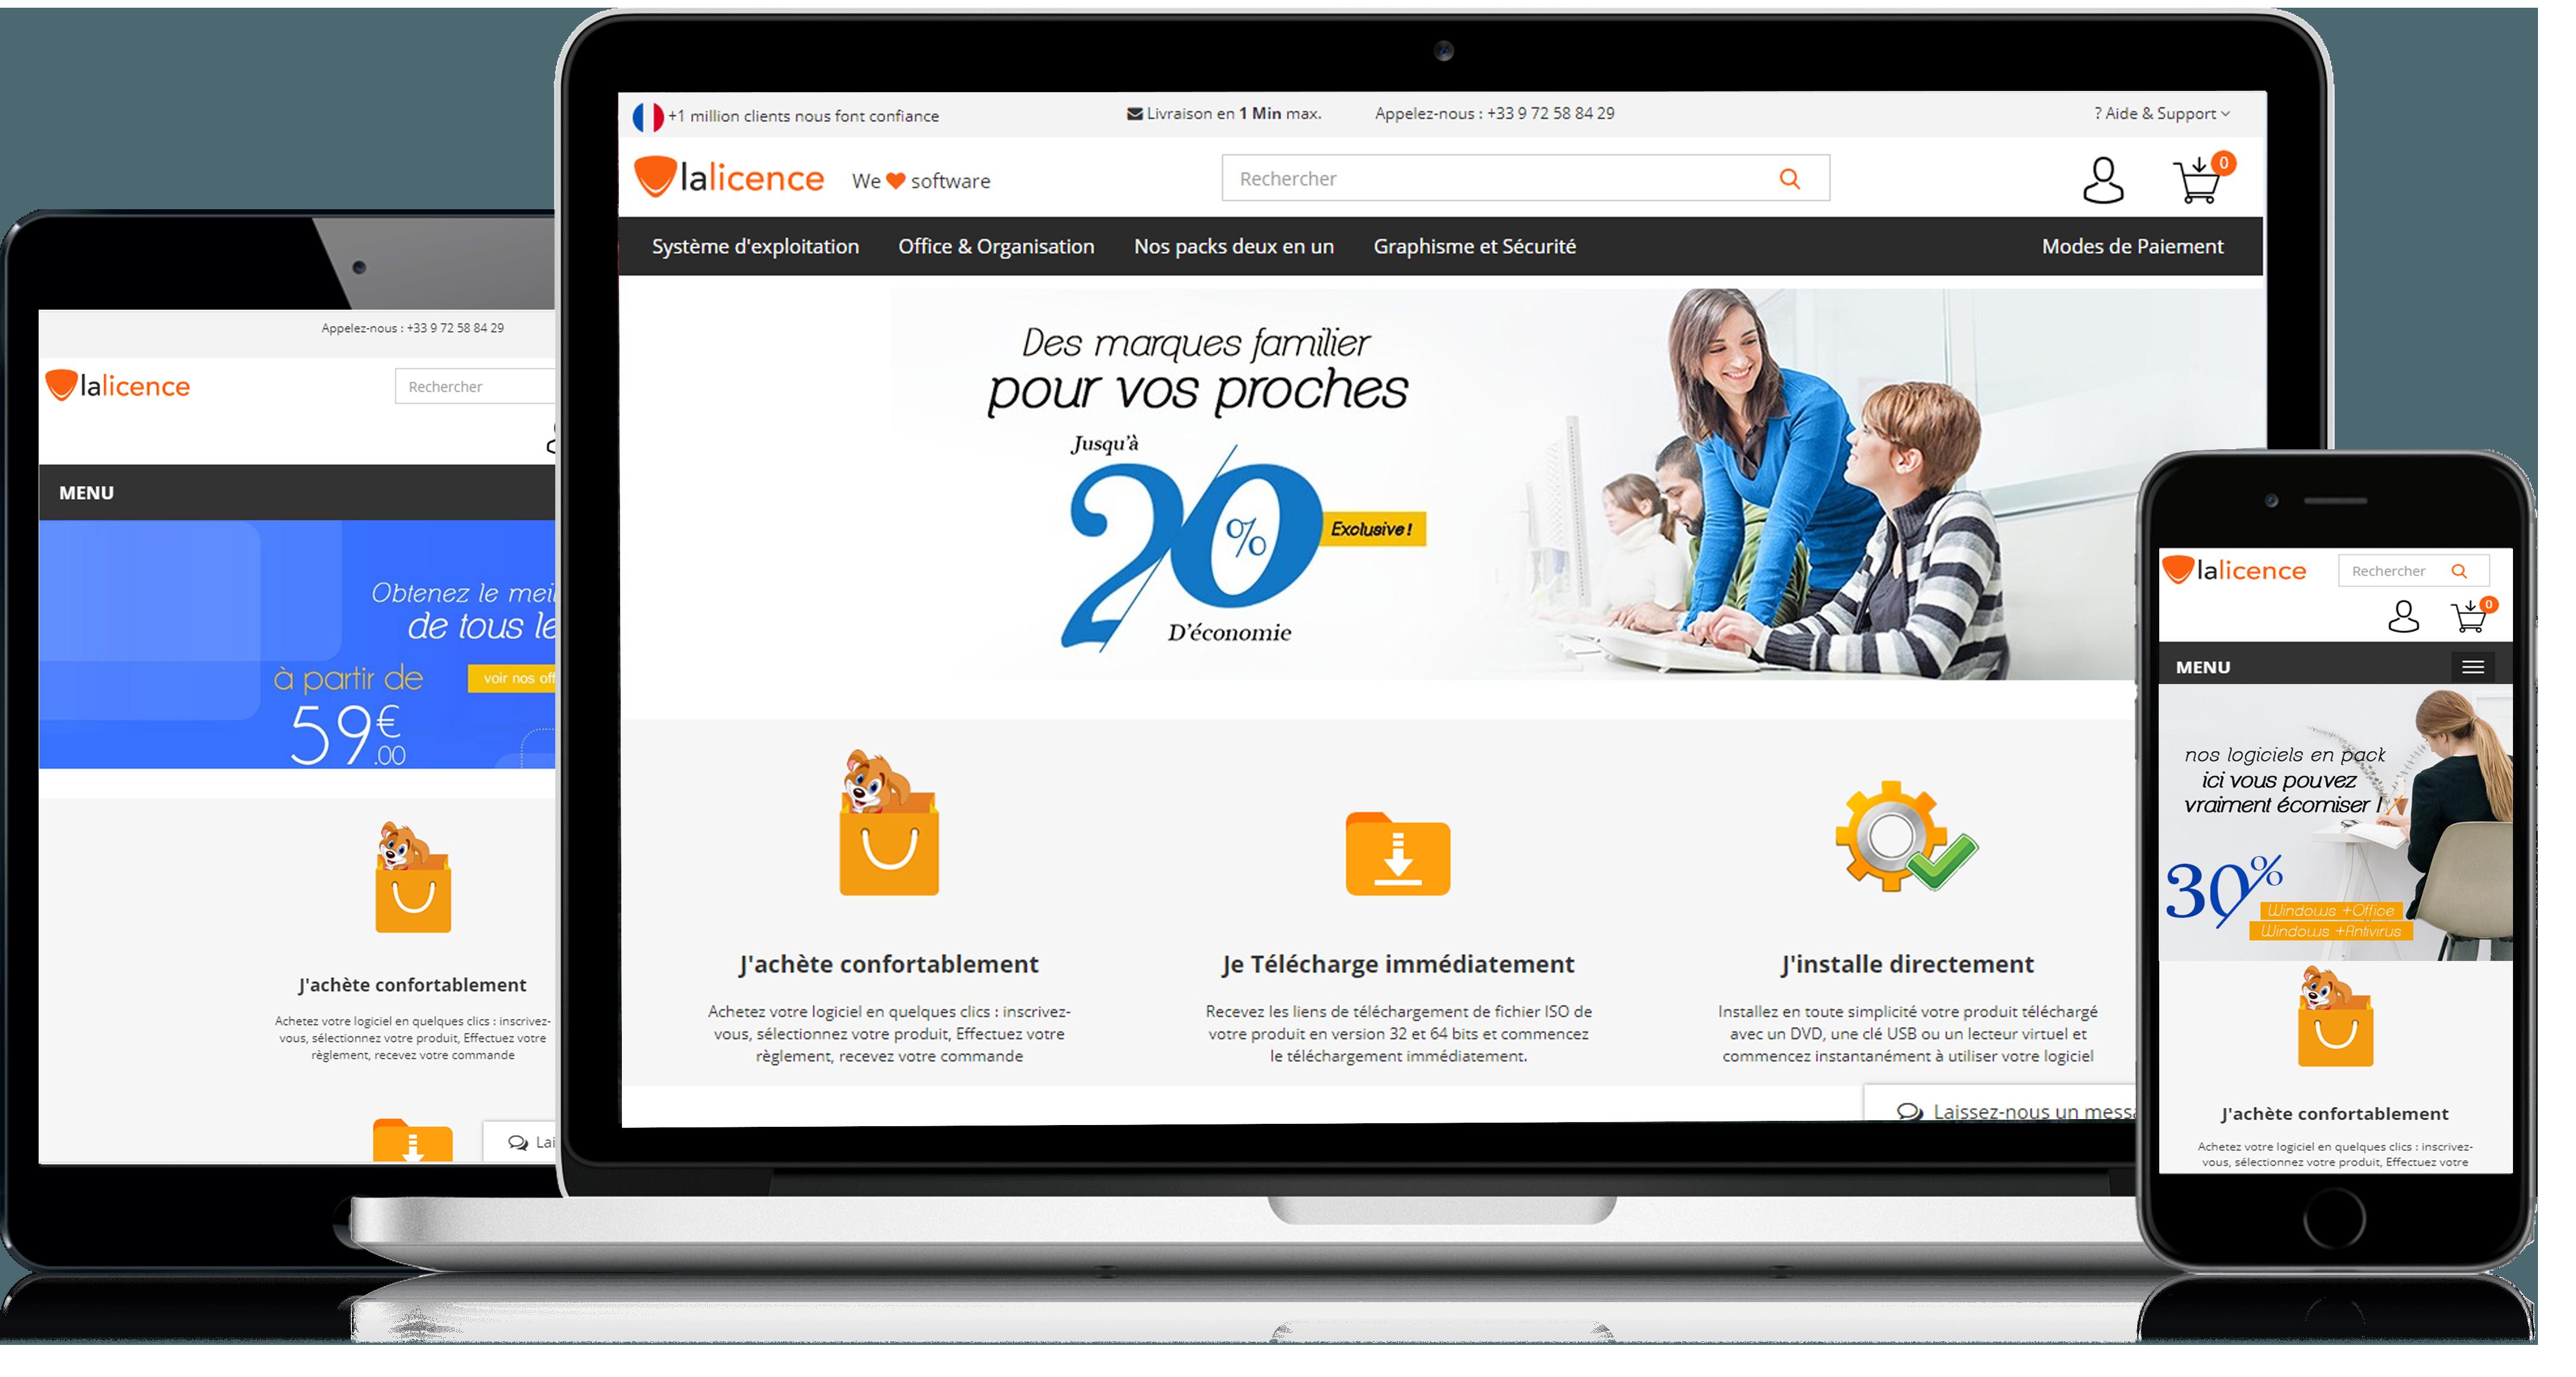 Télécharger windows et office pour Mac avec lalicence.fr